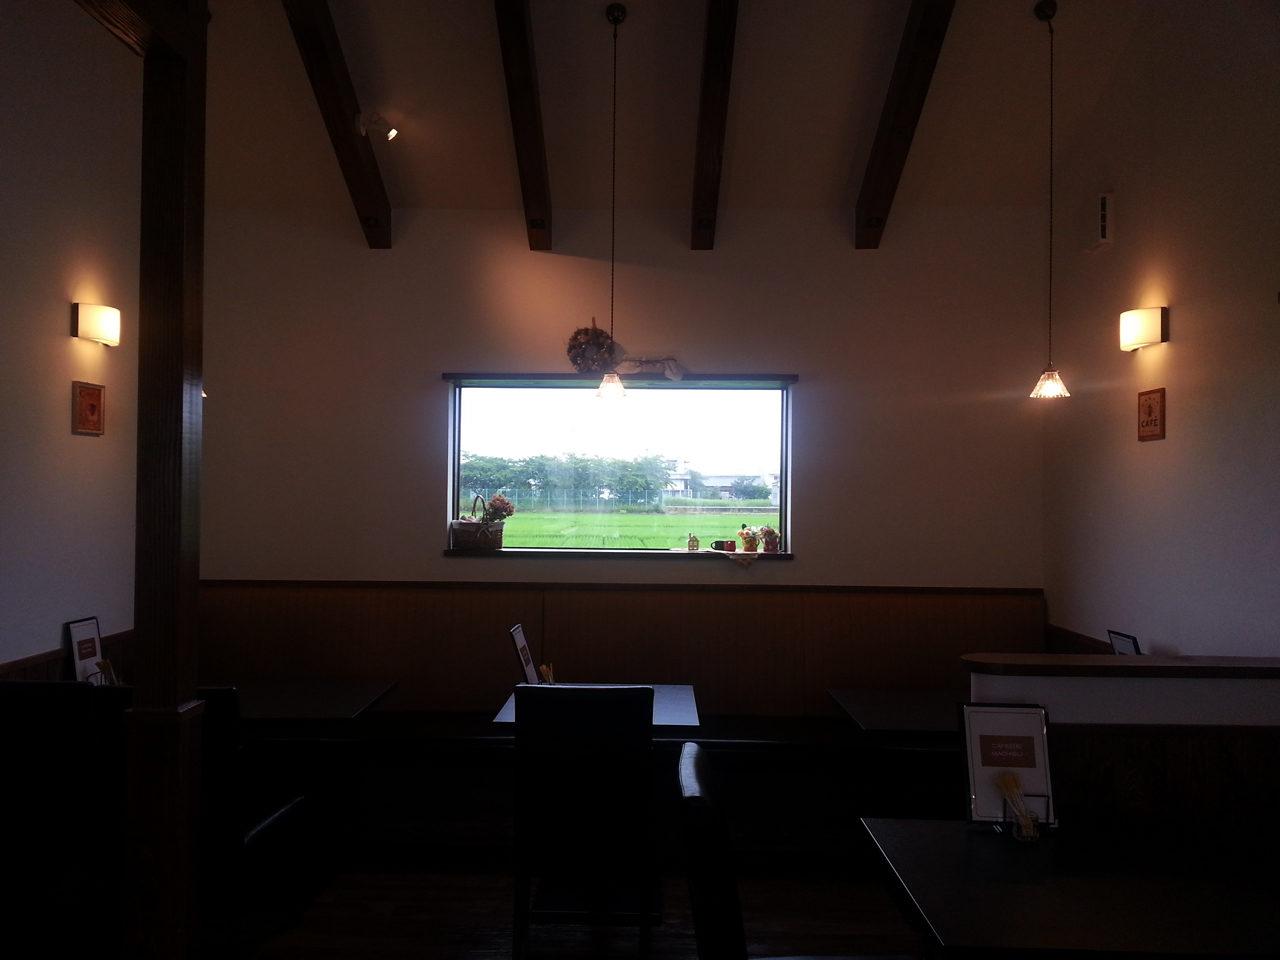 かわいいカフェ・しっくな喫茶店の設計・デザイン、オープン・開店支援|CAFE日和マチブリの居心地の良い客席